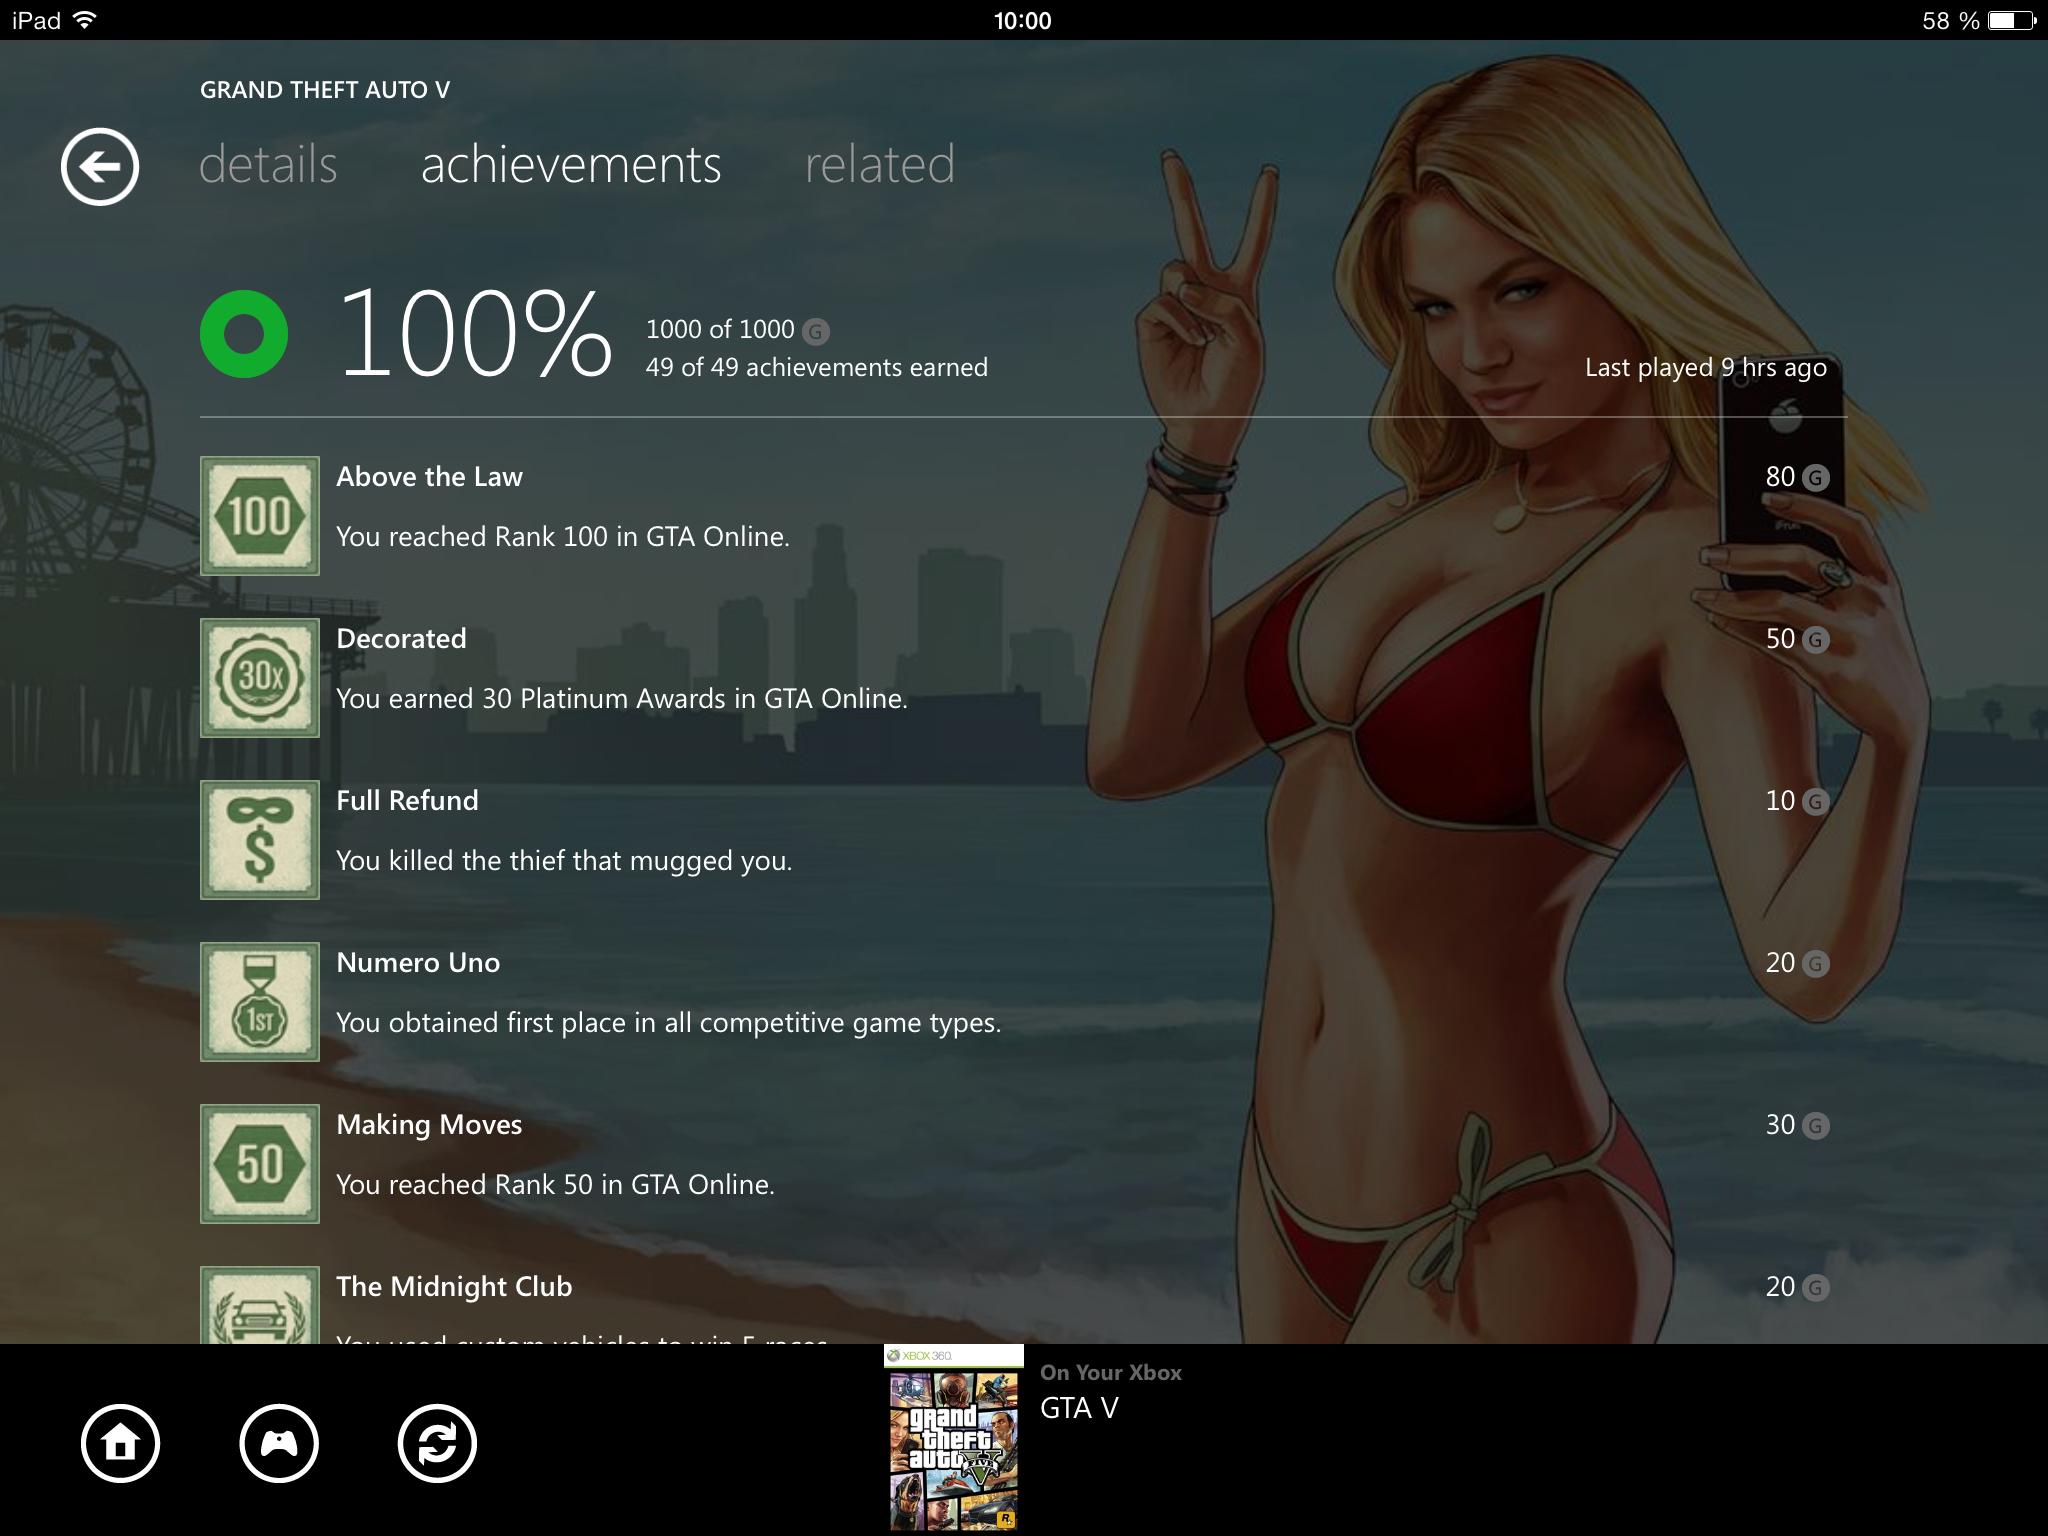 Аеее, наконец то взял 100й лвл в GTA Online и получил собственно 1000G в V'ке.) - Изображение 1